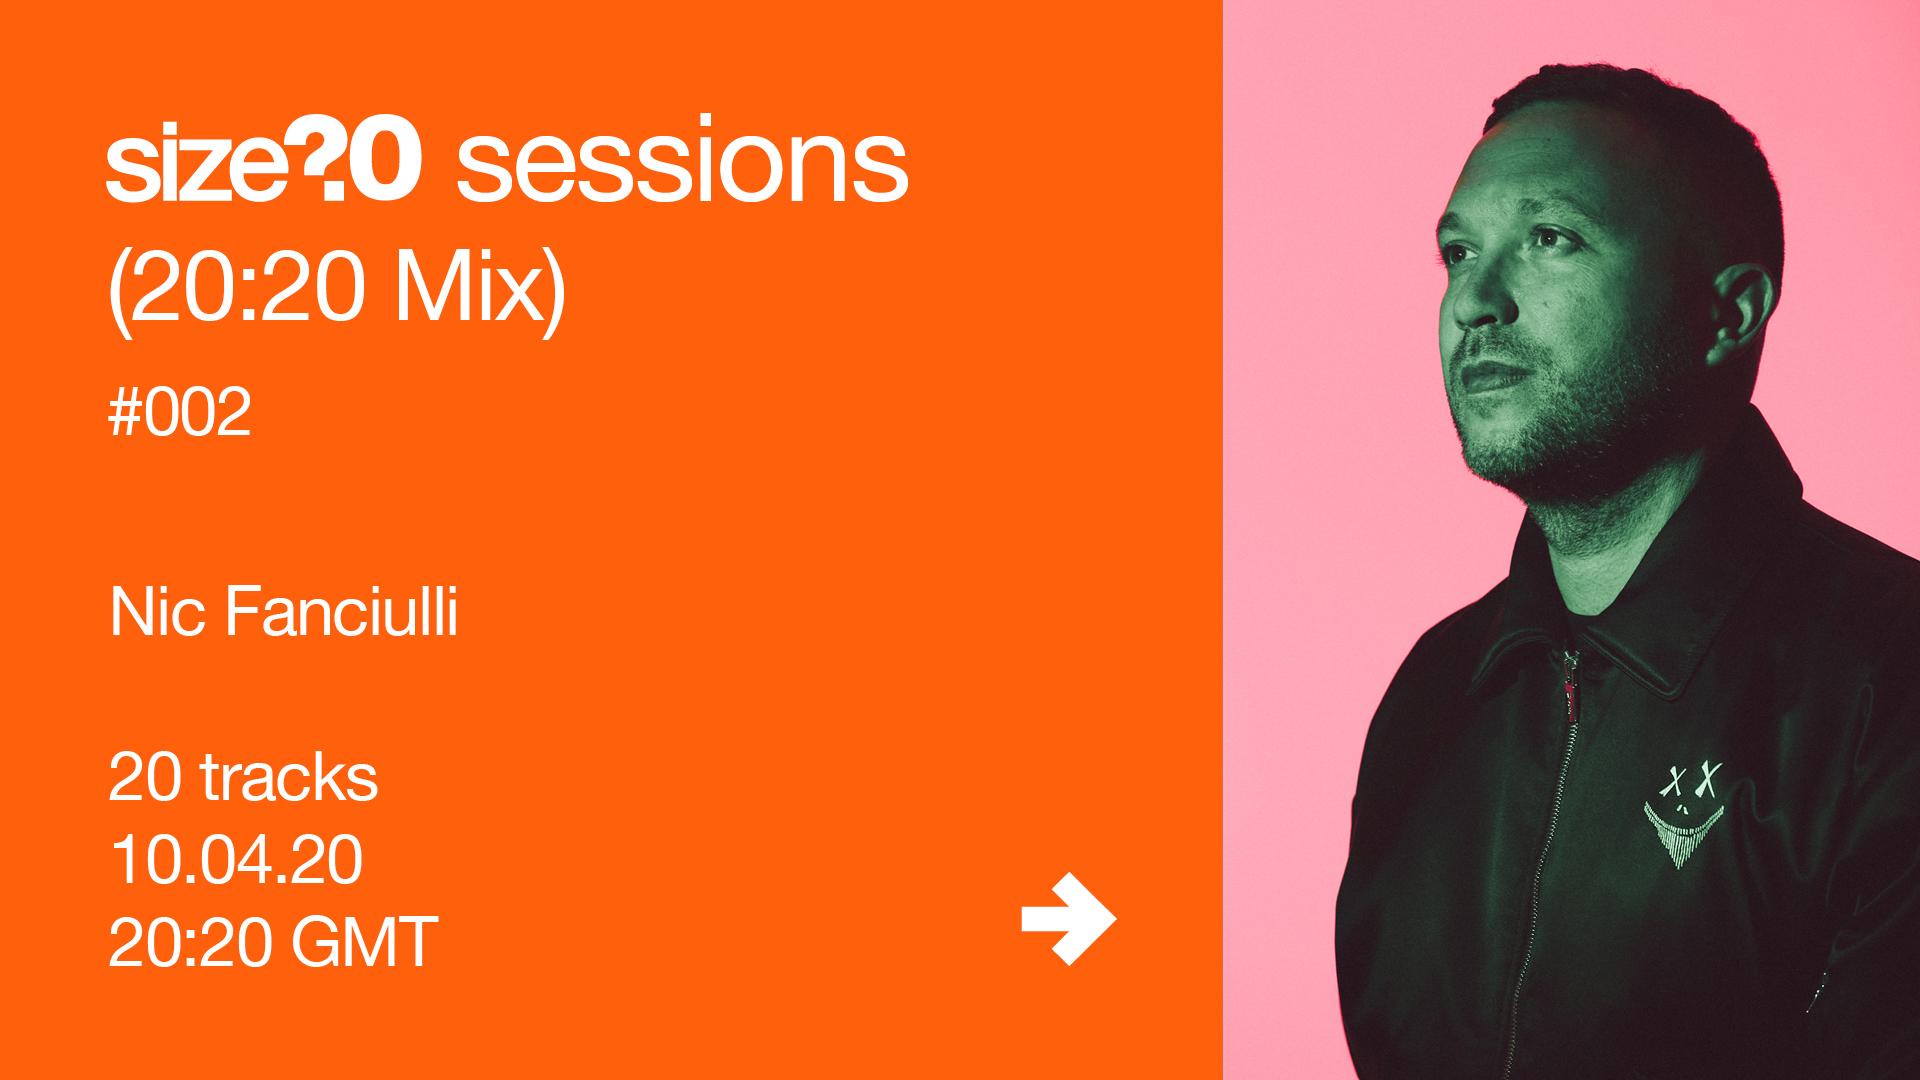 Nic Fanciulli size? sessions (20:20 Mix)